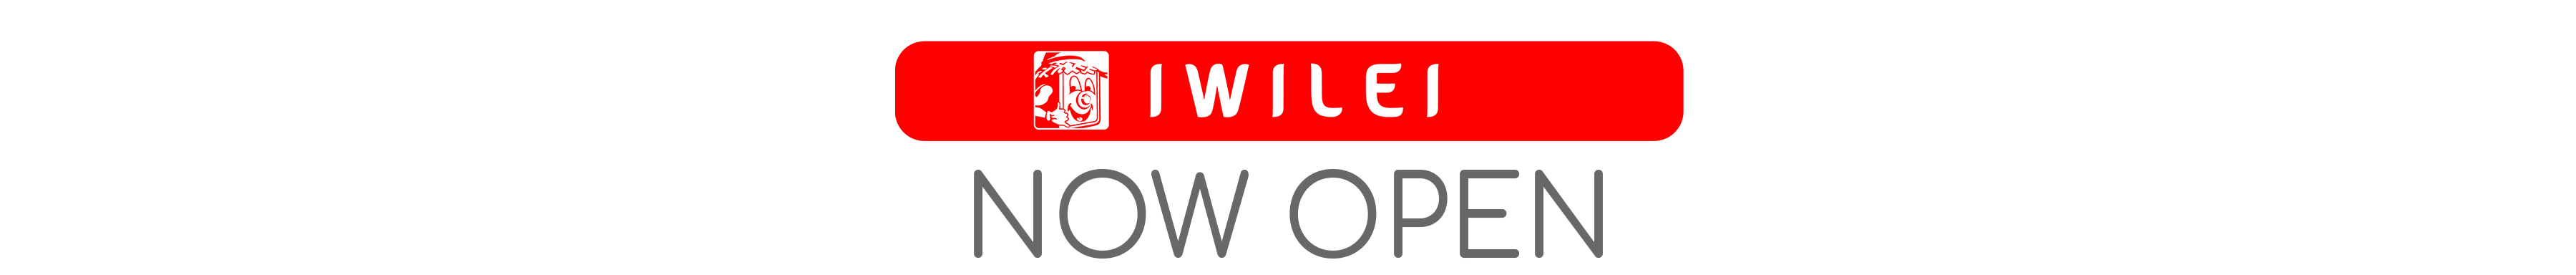 Iwilei Now Open